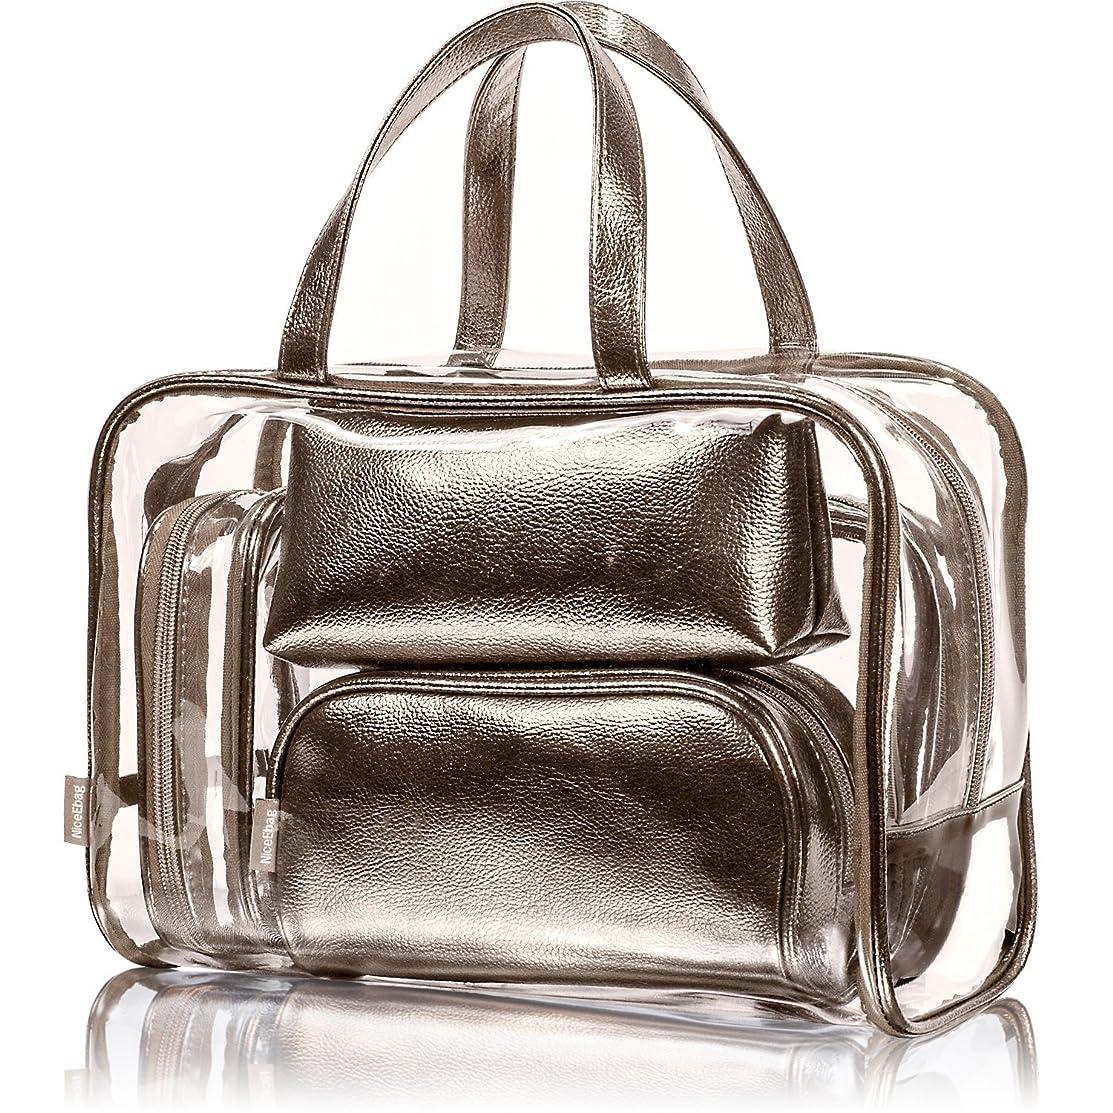 任意匿名解き明かすNiceEbag 透明バック、ビニールバッグ、化粧品バッグ、化粧ポーチ、メイクポーチ、クリアバッグ、プールバック、ハンドバッグ、トートバッグ、スタイリッシュ、オシャレ、かわいい、温泉、海、旅行 ビーチ ビジネス スパンコール 防水性 5個セットバック ブロンズ色